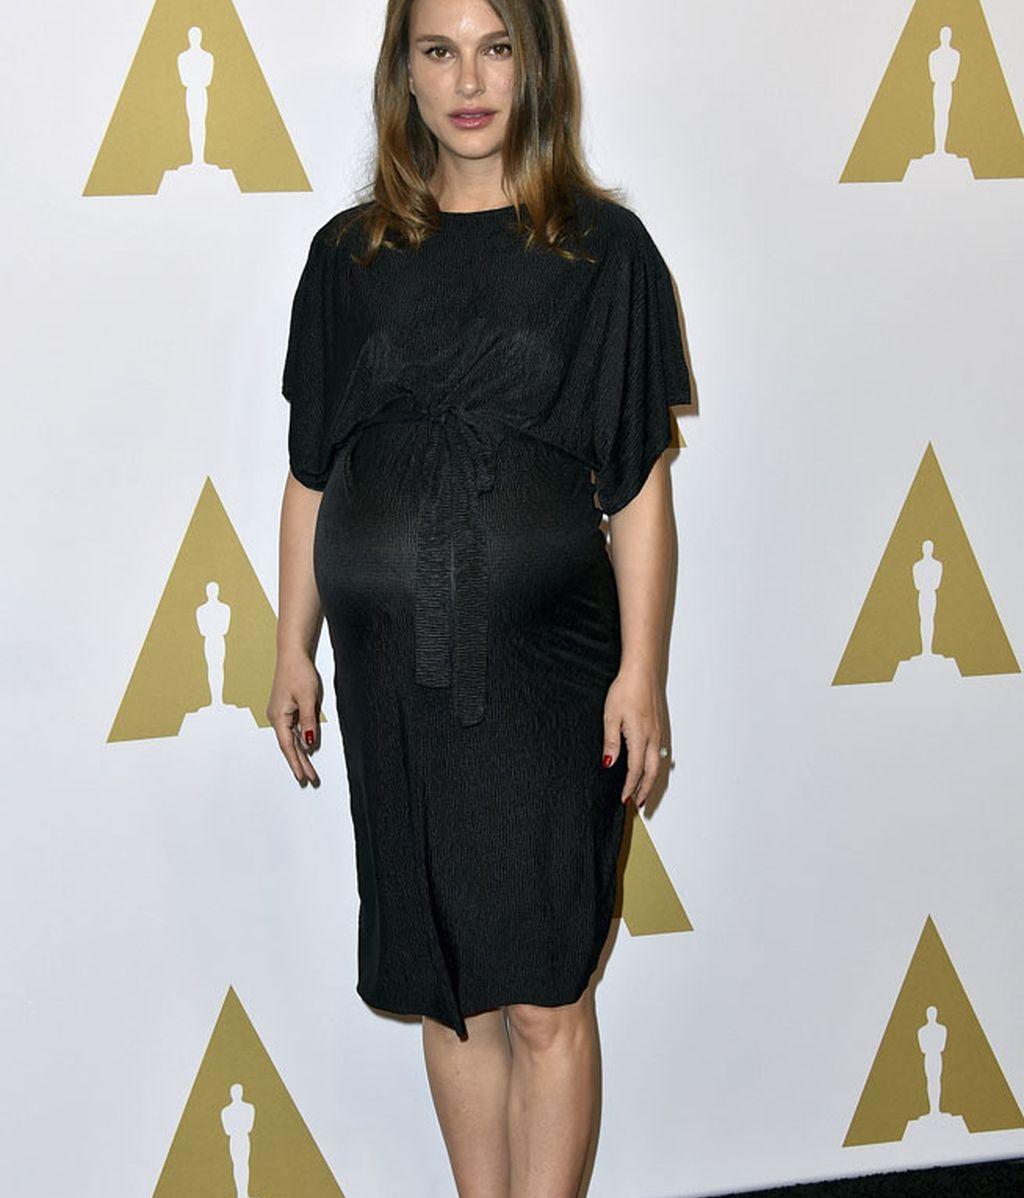 Natalie Portman eligió un vestido de Topshop y zapatos planos de Steve Madden